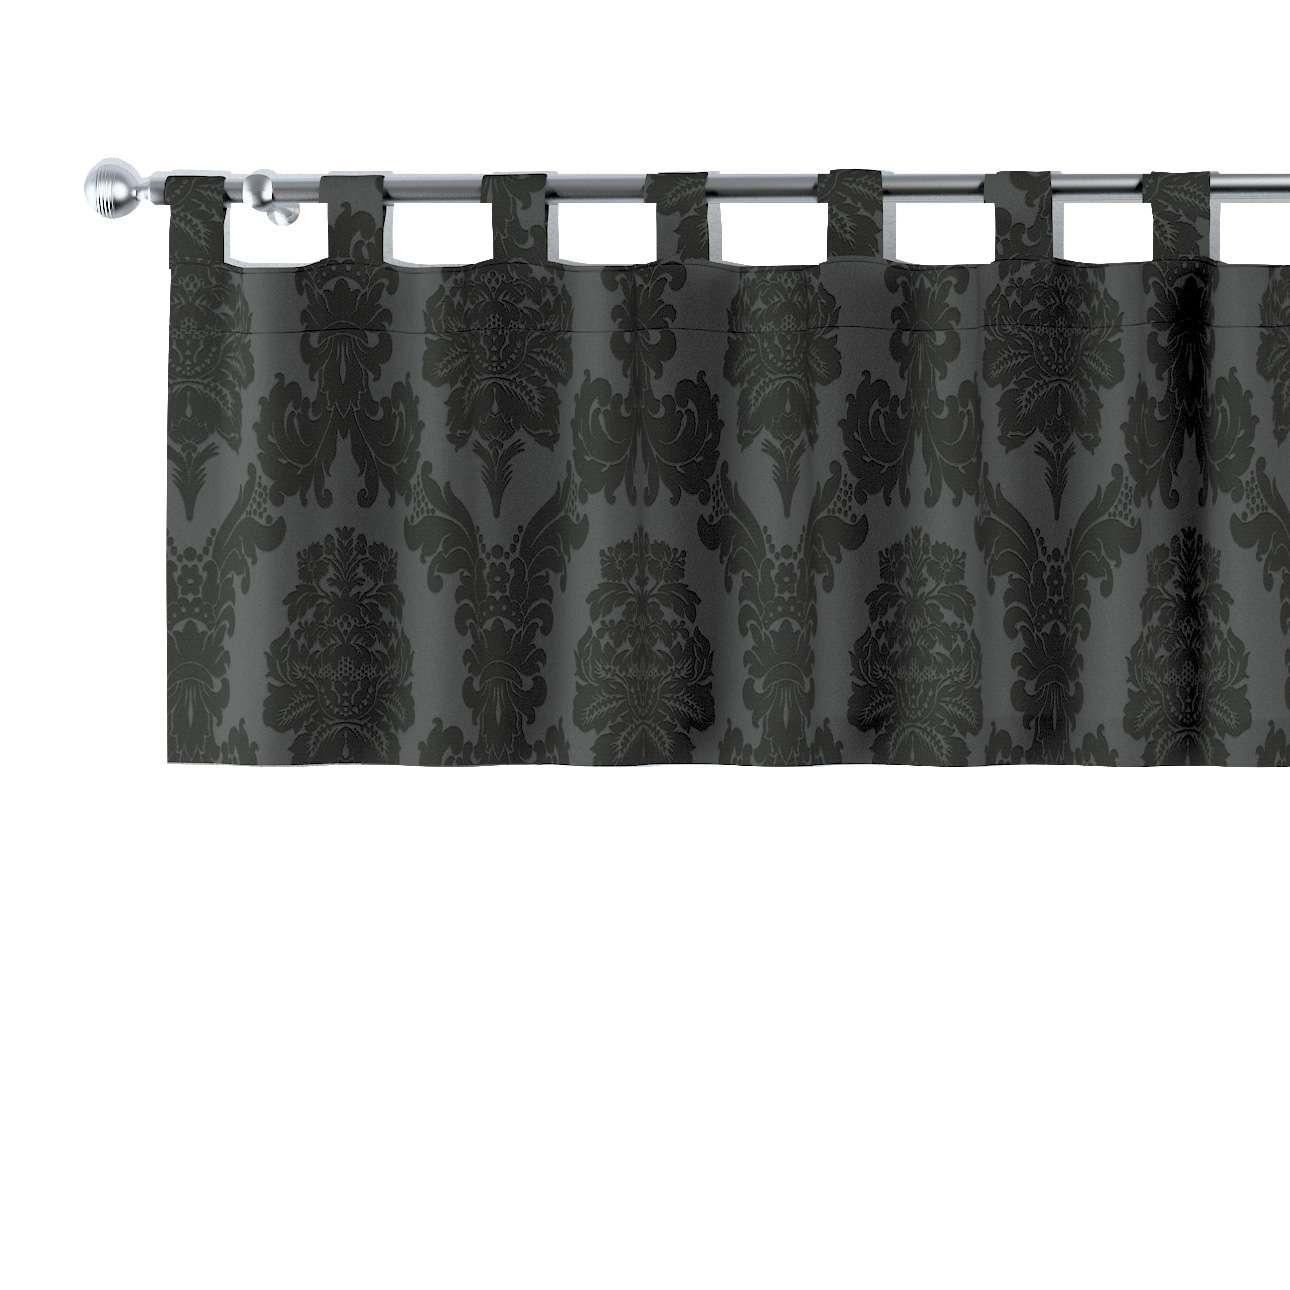 Gardinkappe med stropper 130x40cm fra kollektionen Damasco, Stof: 613-32